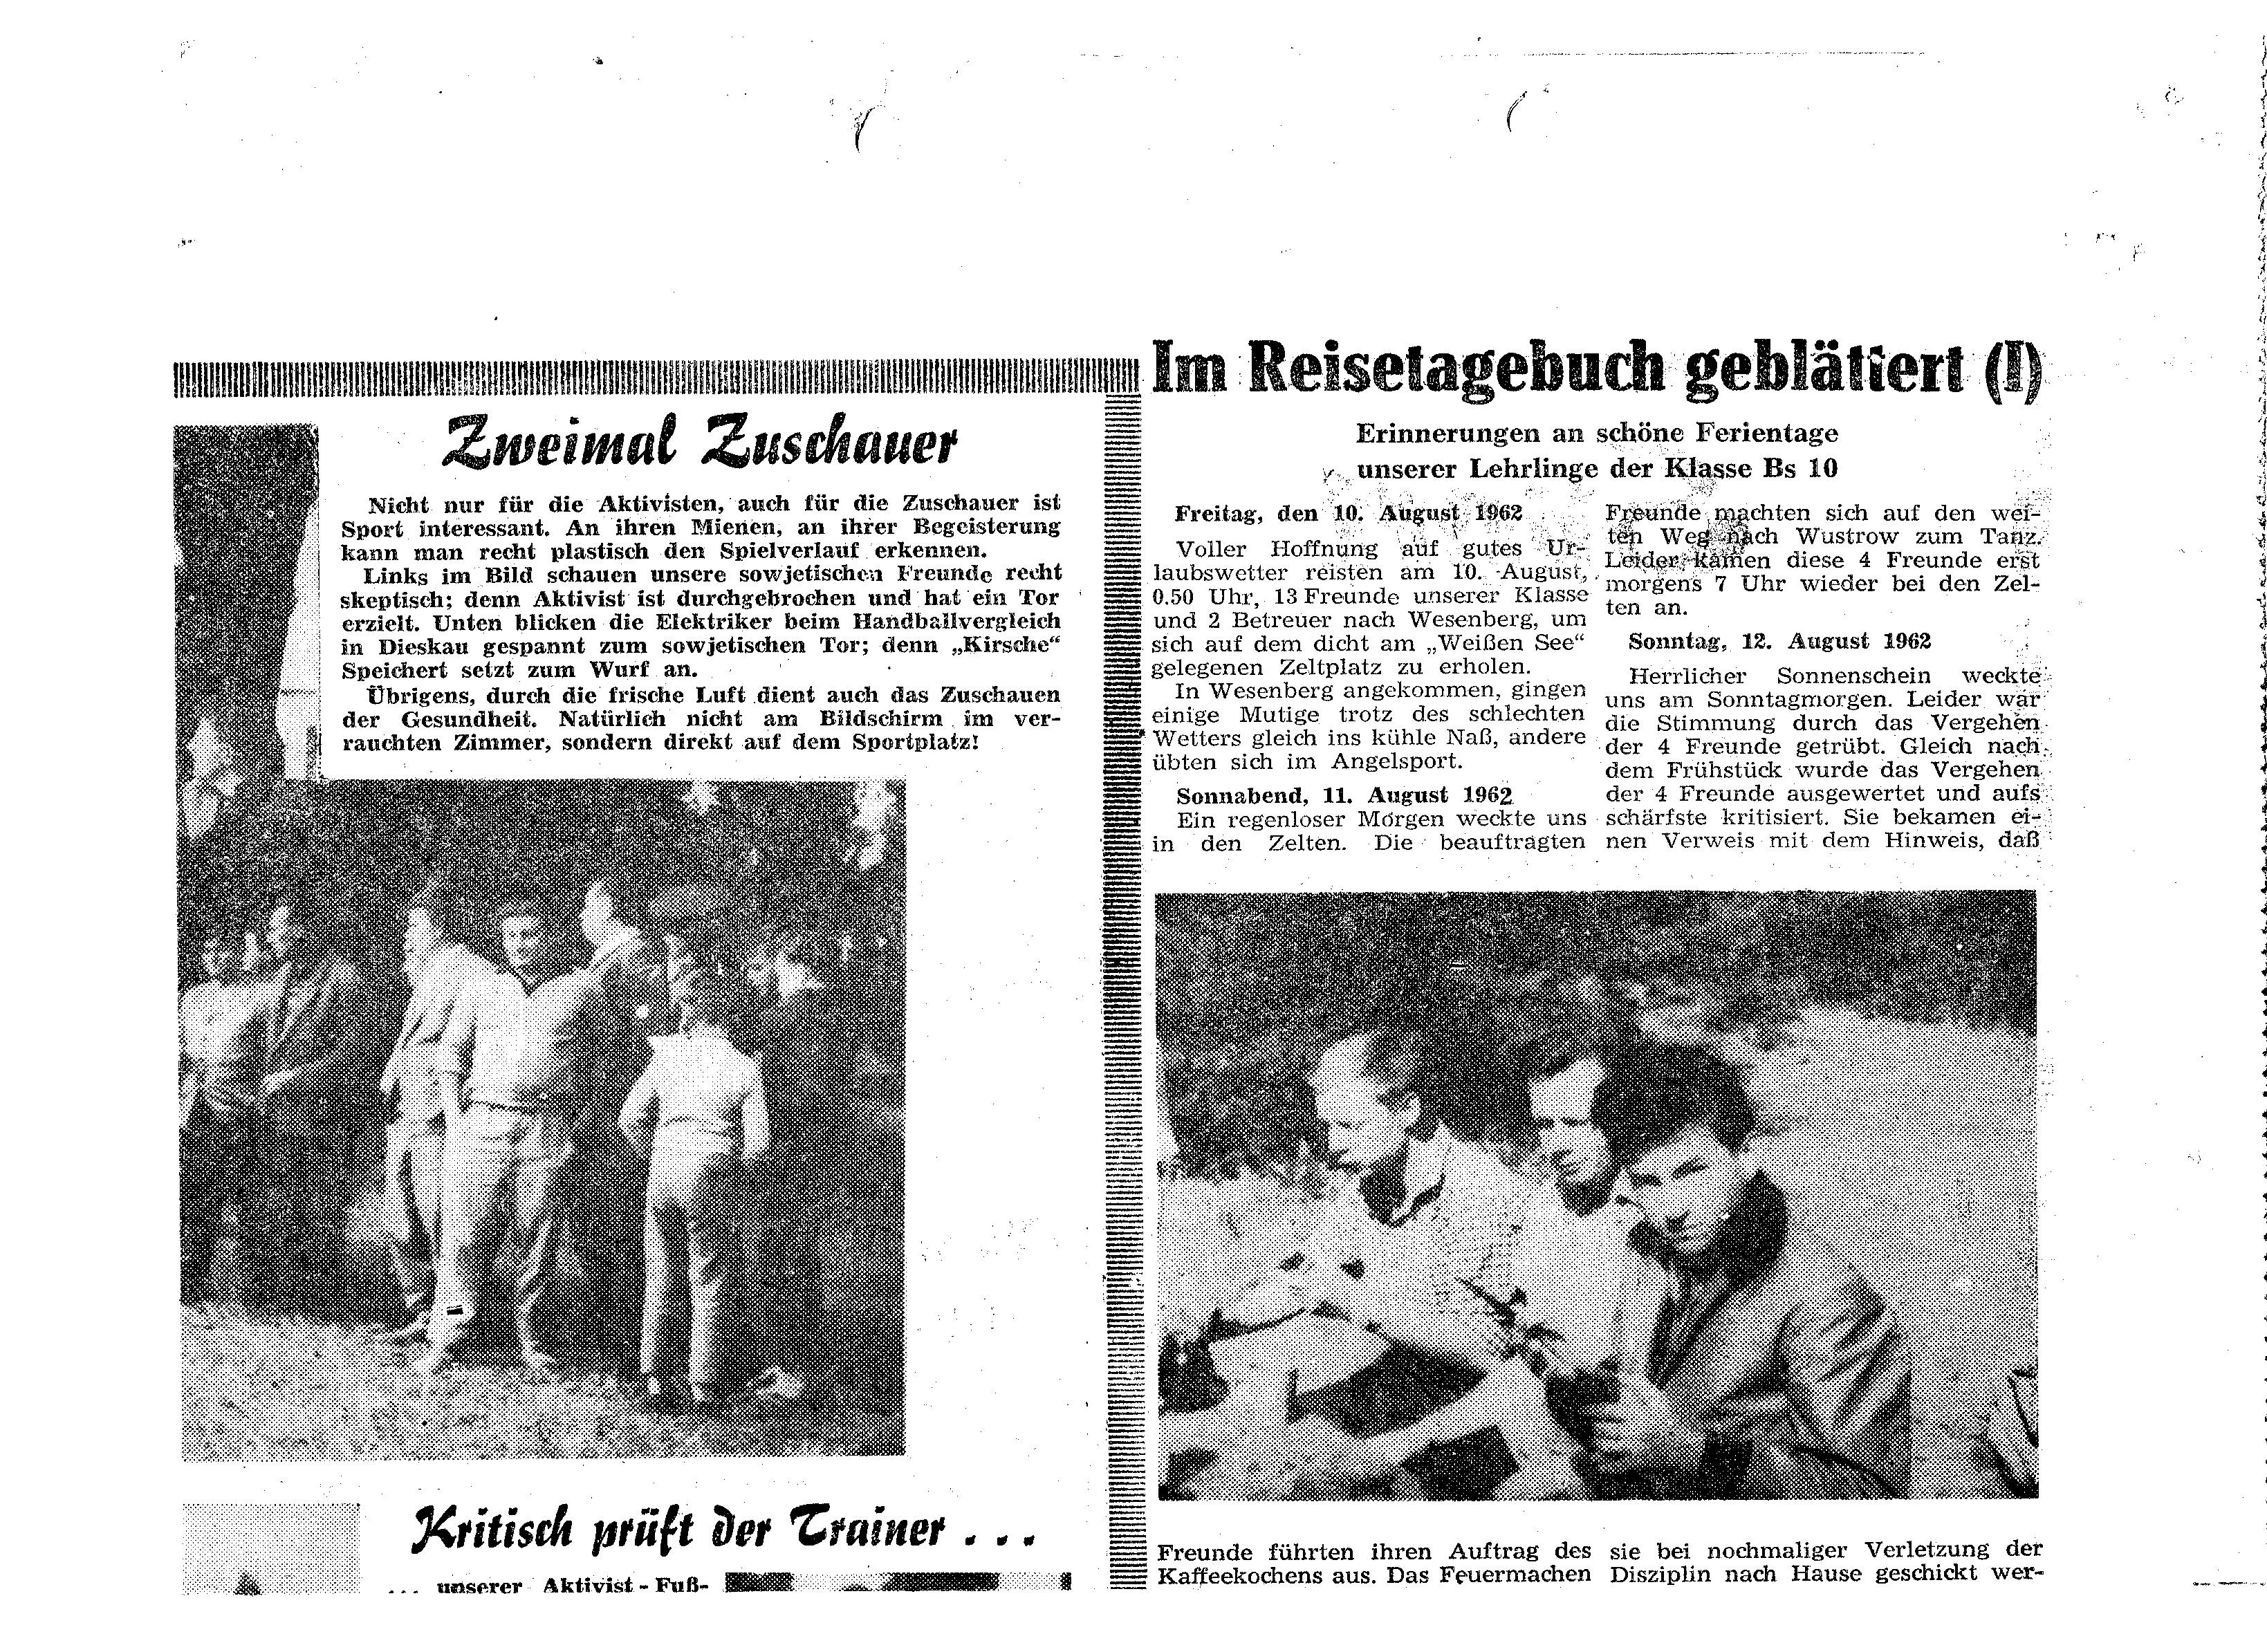 1962-08-13 Im Reisetagebuch geblättert